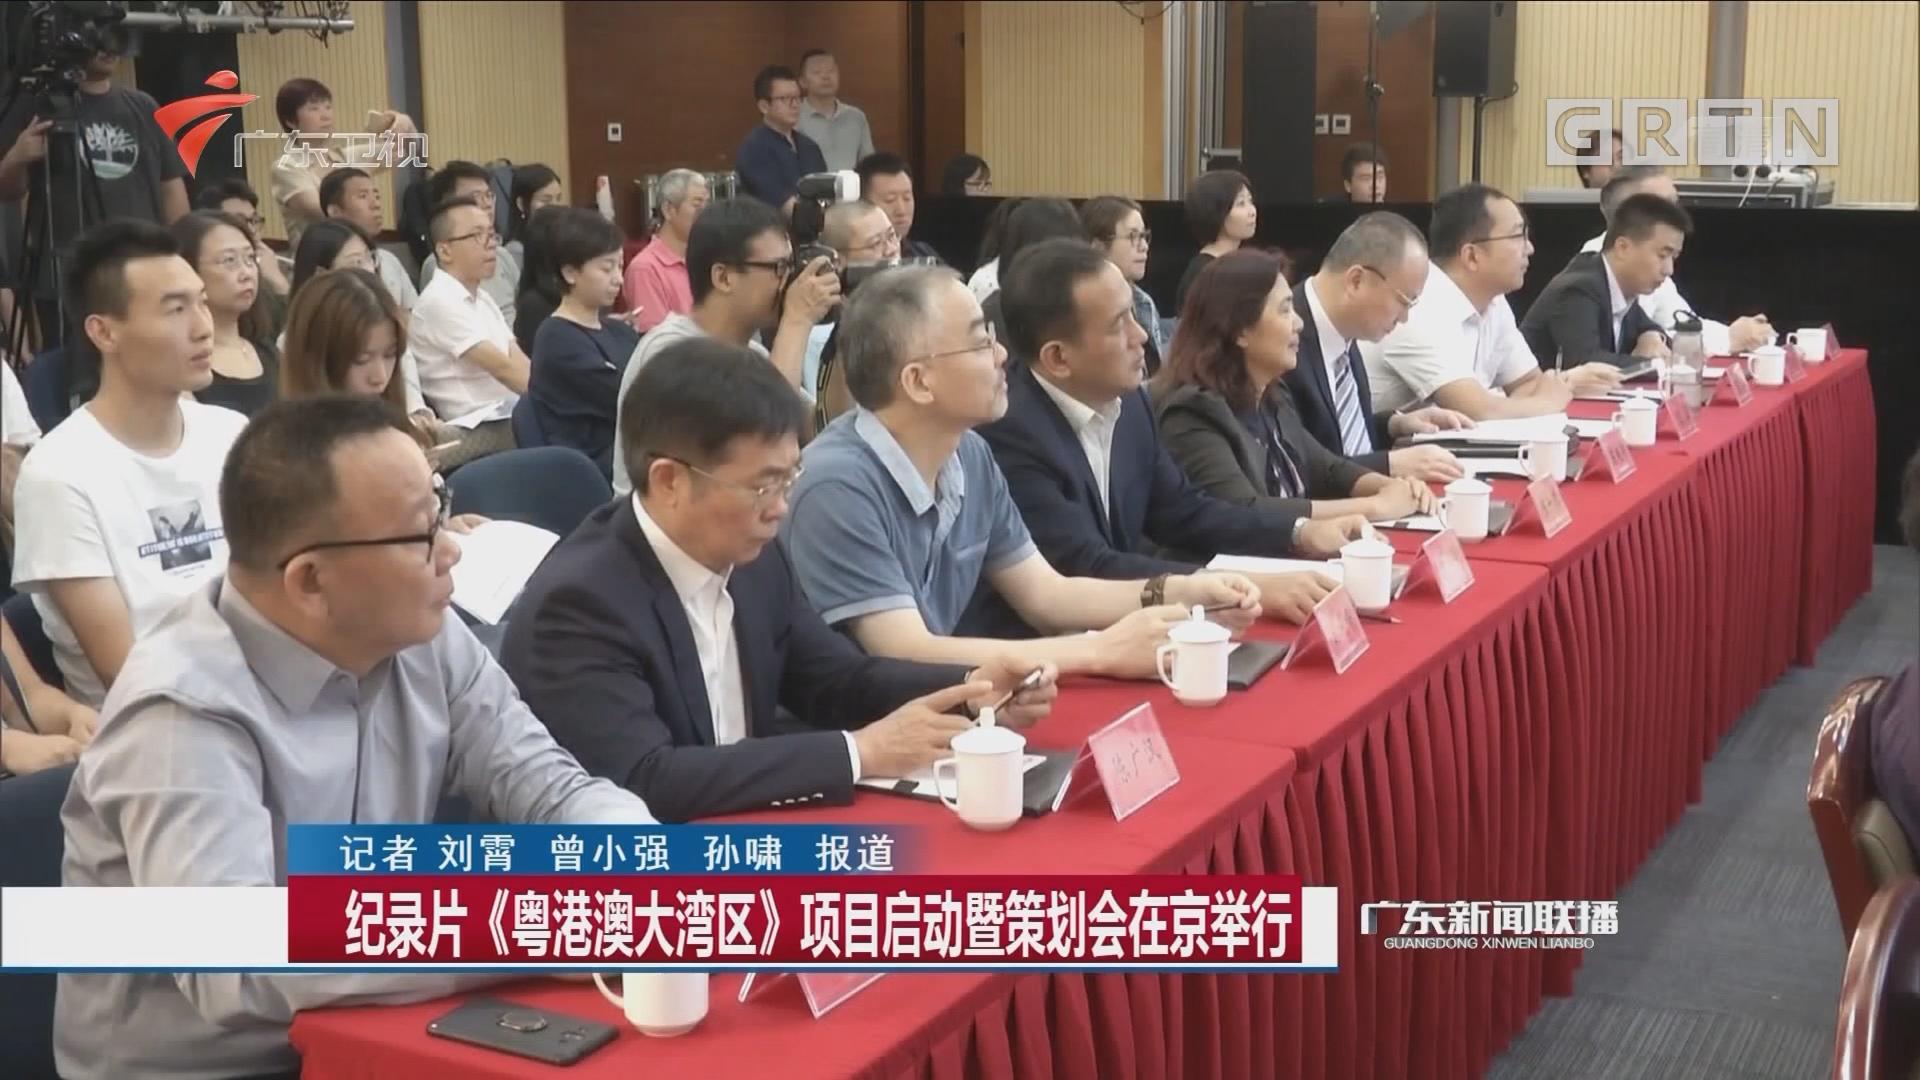 纪录片《粤港澳大湾区》项目启动暨策划会在京举行